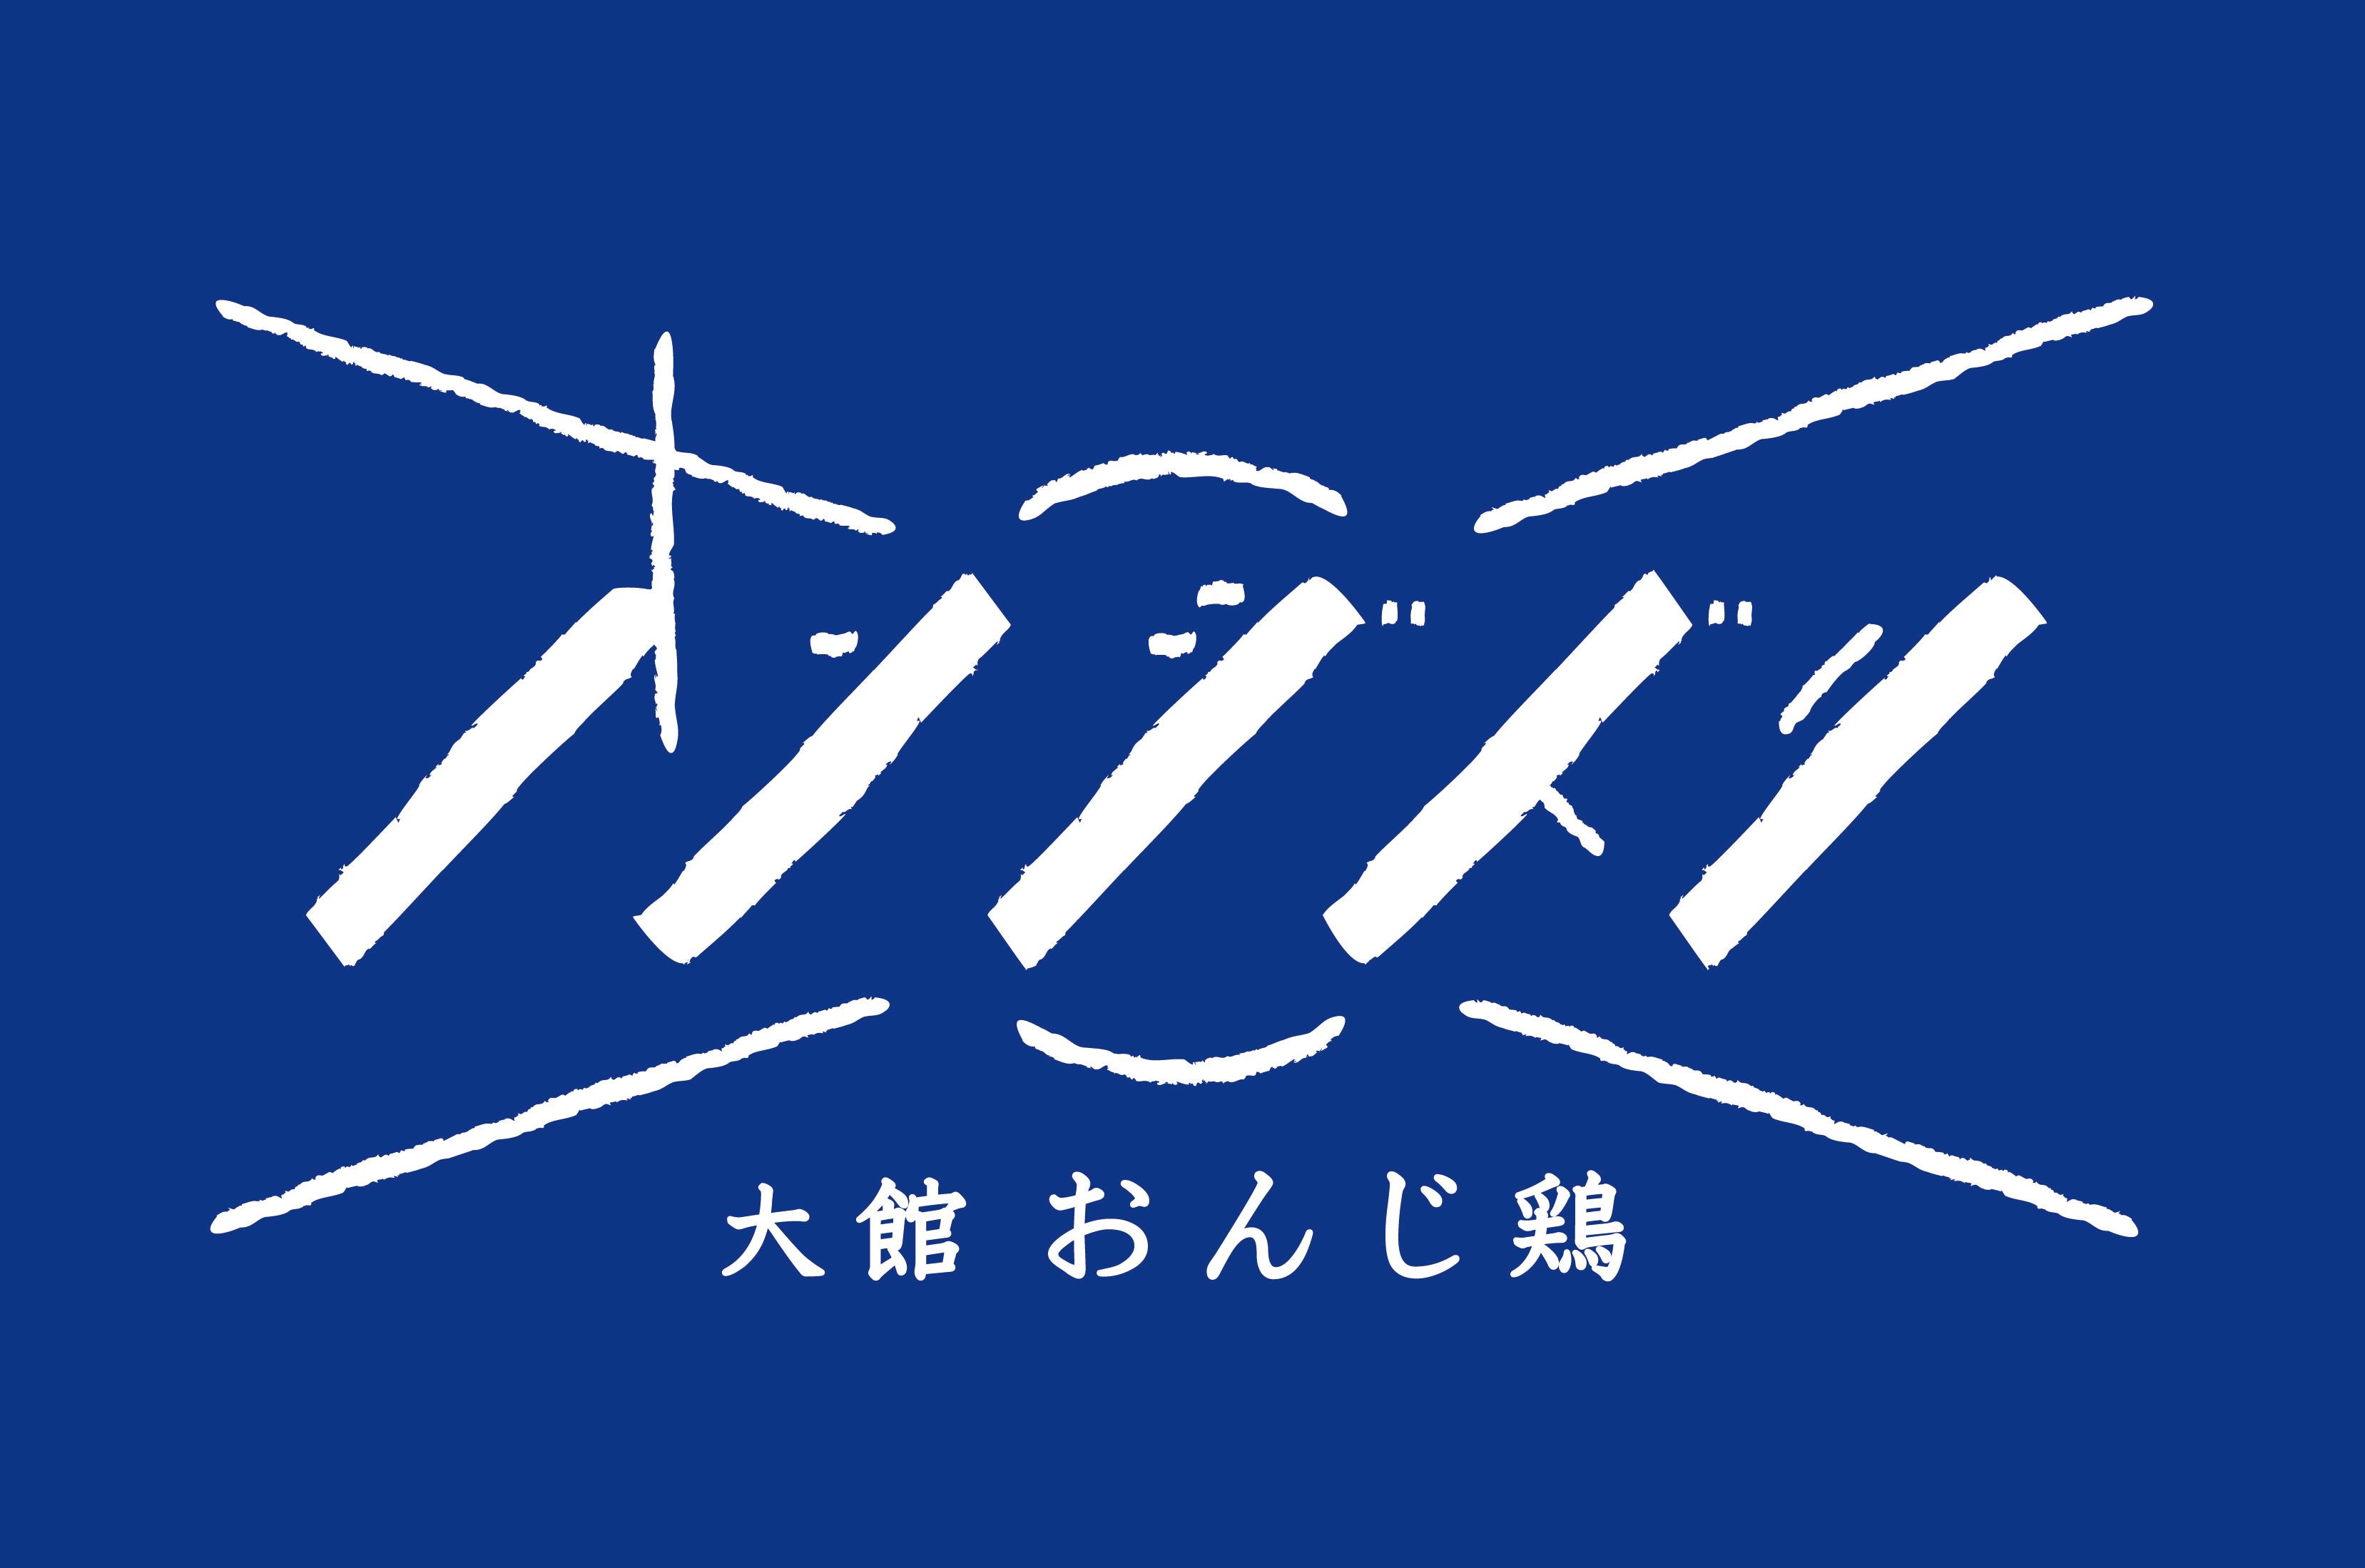 大館おんじ鶏 ロゴ